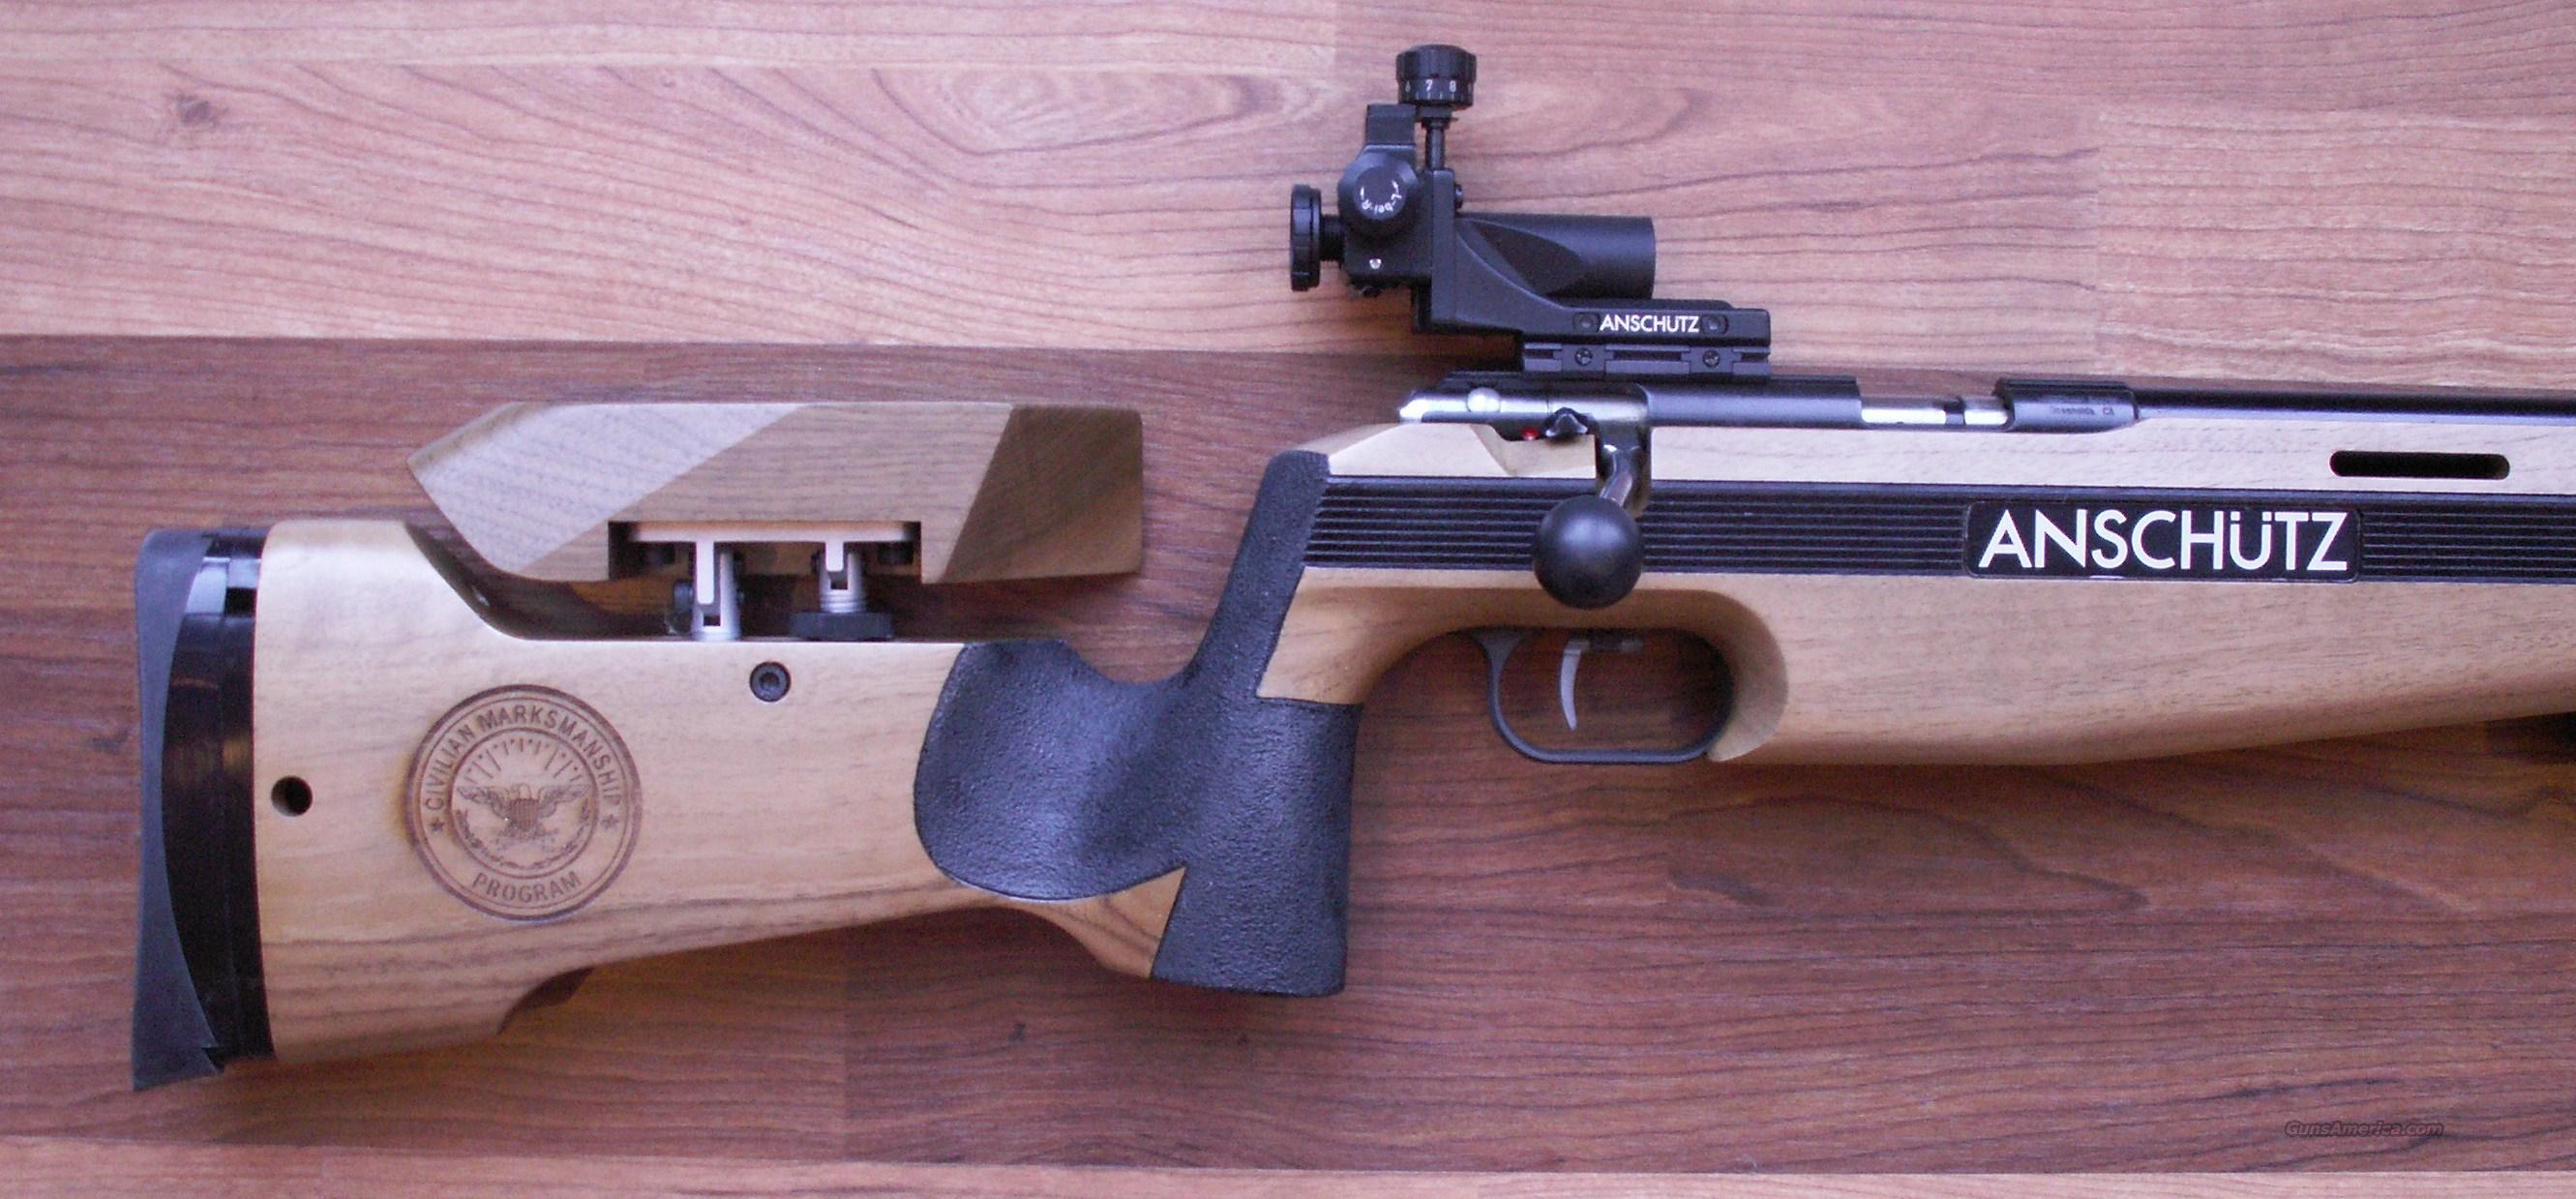 Anschutz 1903 Target Rifle - Like New